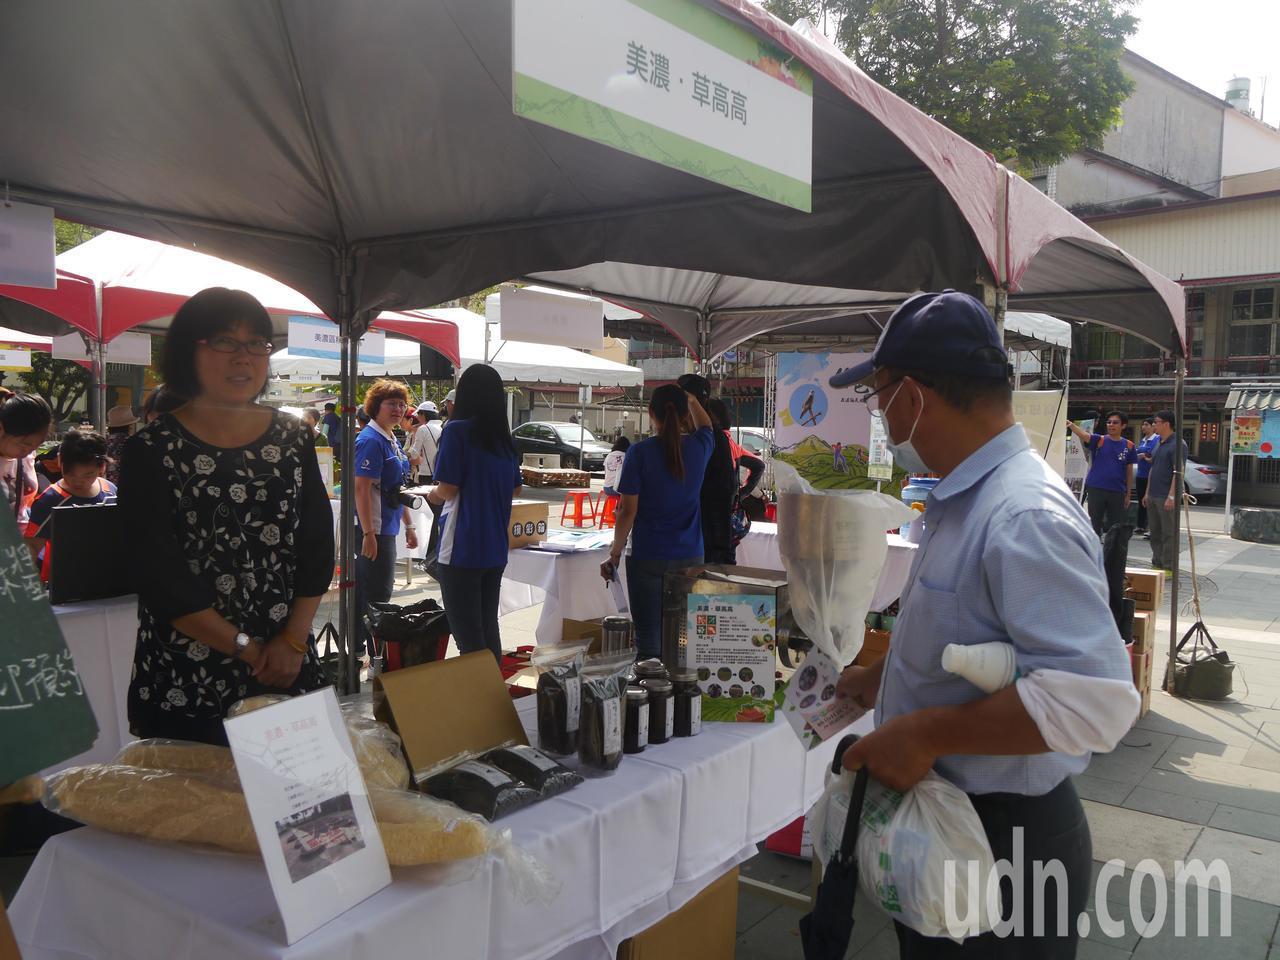 美濃農民溫文相以無毒方式栽種的黑芝麻,現場展售芝麻醬。記者徐白櫻/攝影